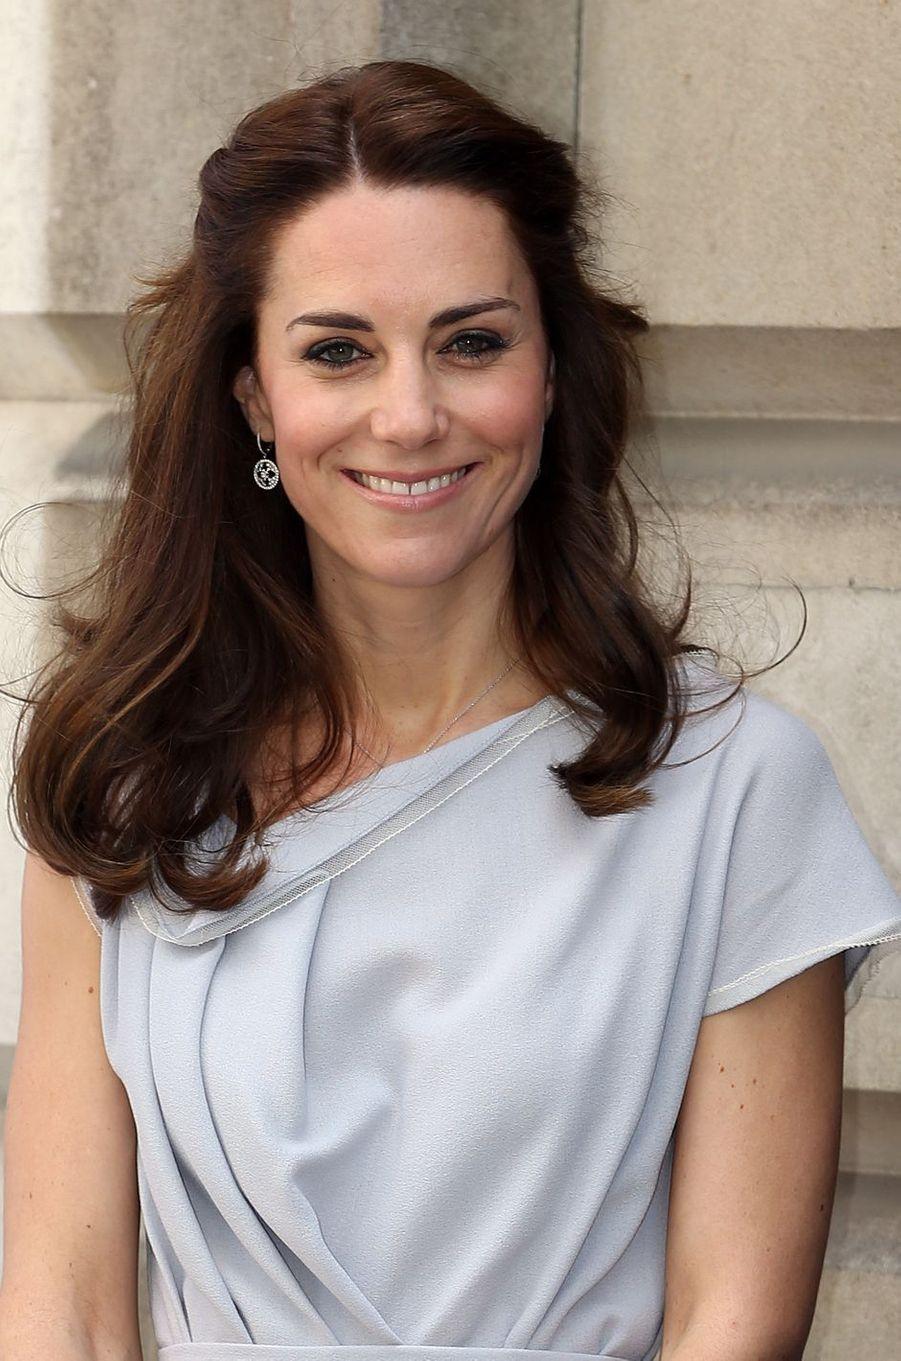 La duchesse de Cambridge, née Kate Middleton, a inauguré ce mercredi 4 mai une aire de jeux pour enfants dans les jardins du château d'Hampton Court, avant de se rendre à une réception pour le déjeuner au centre Anna Freud à Londres.